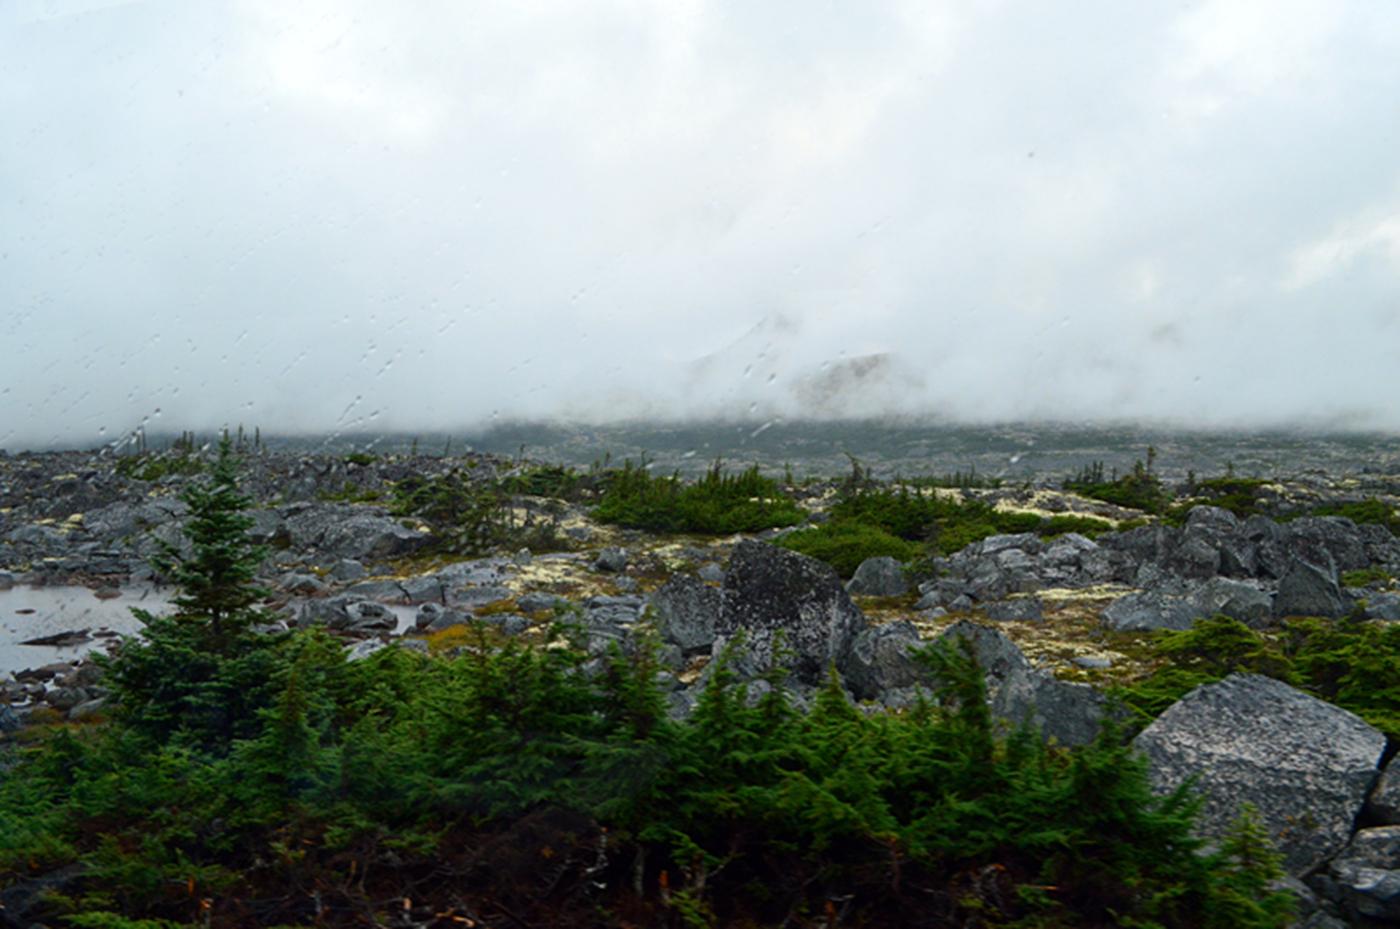 阿拉斯加,那山、那水、那人……_图1-25